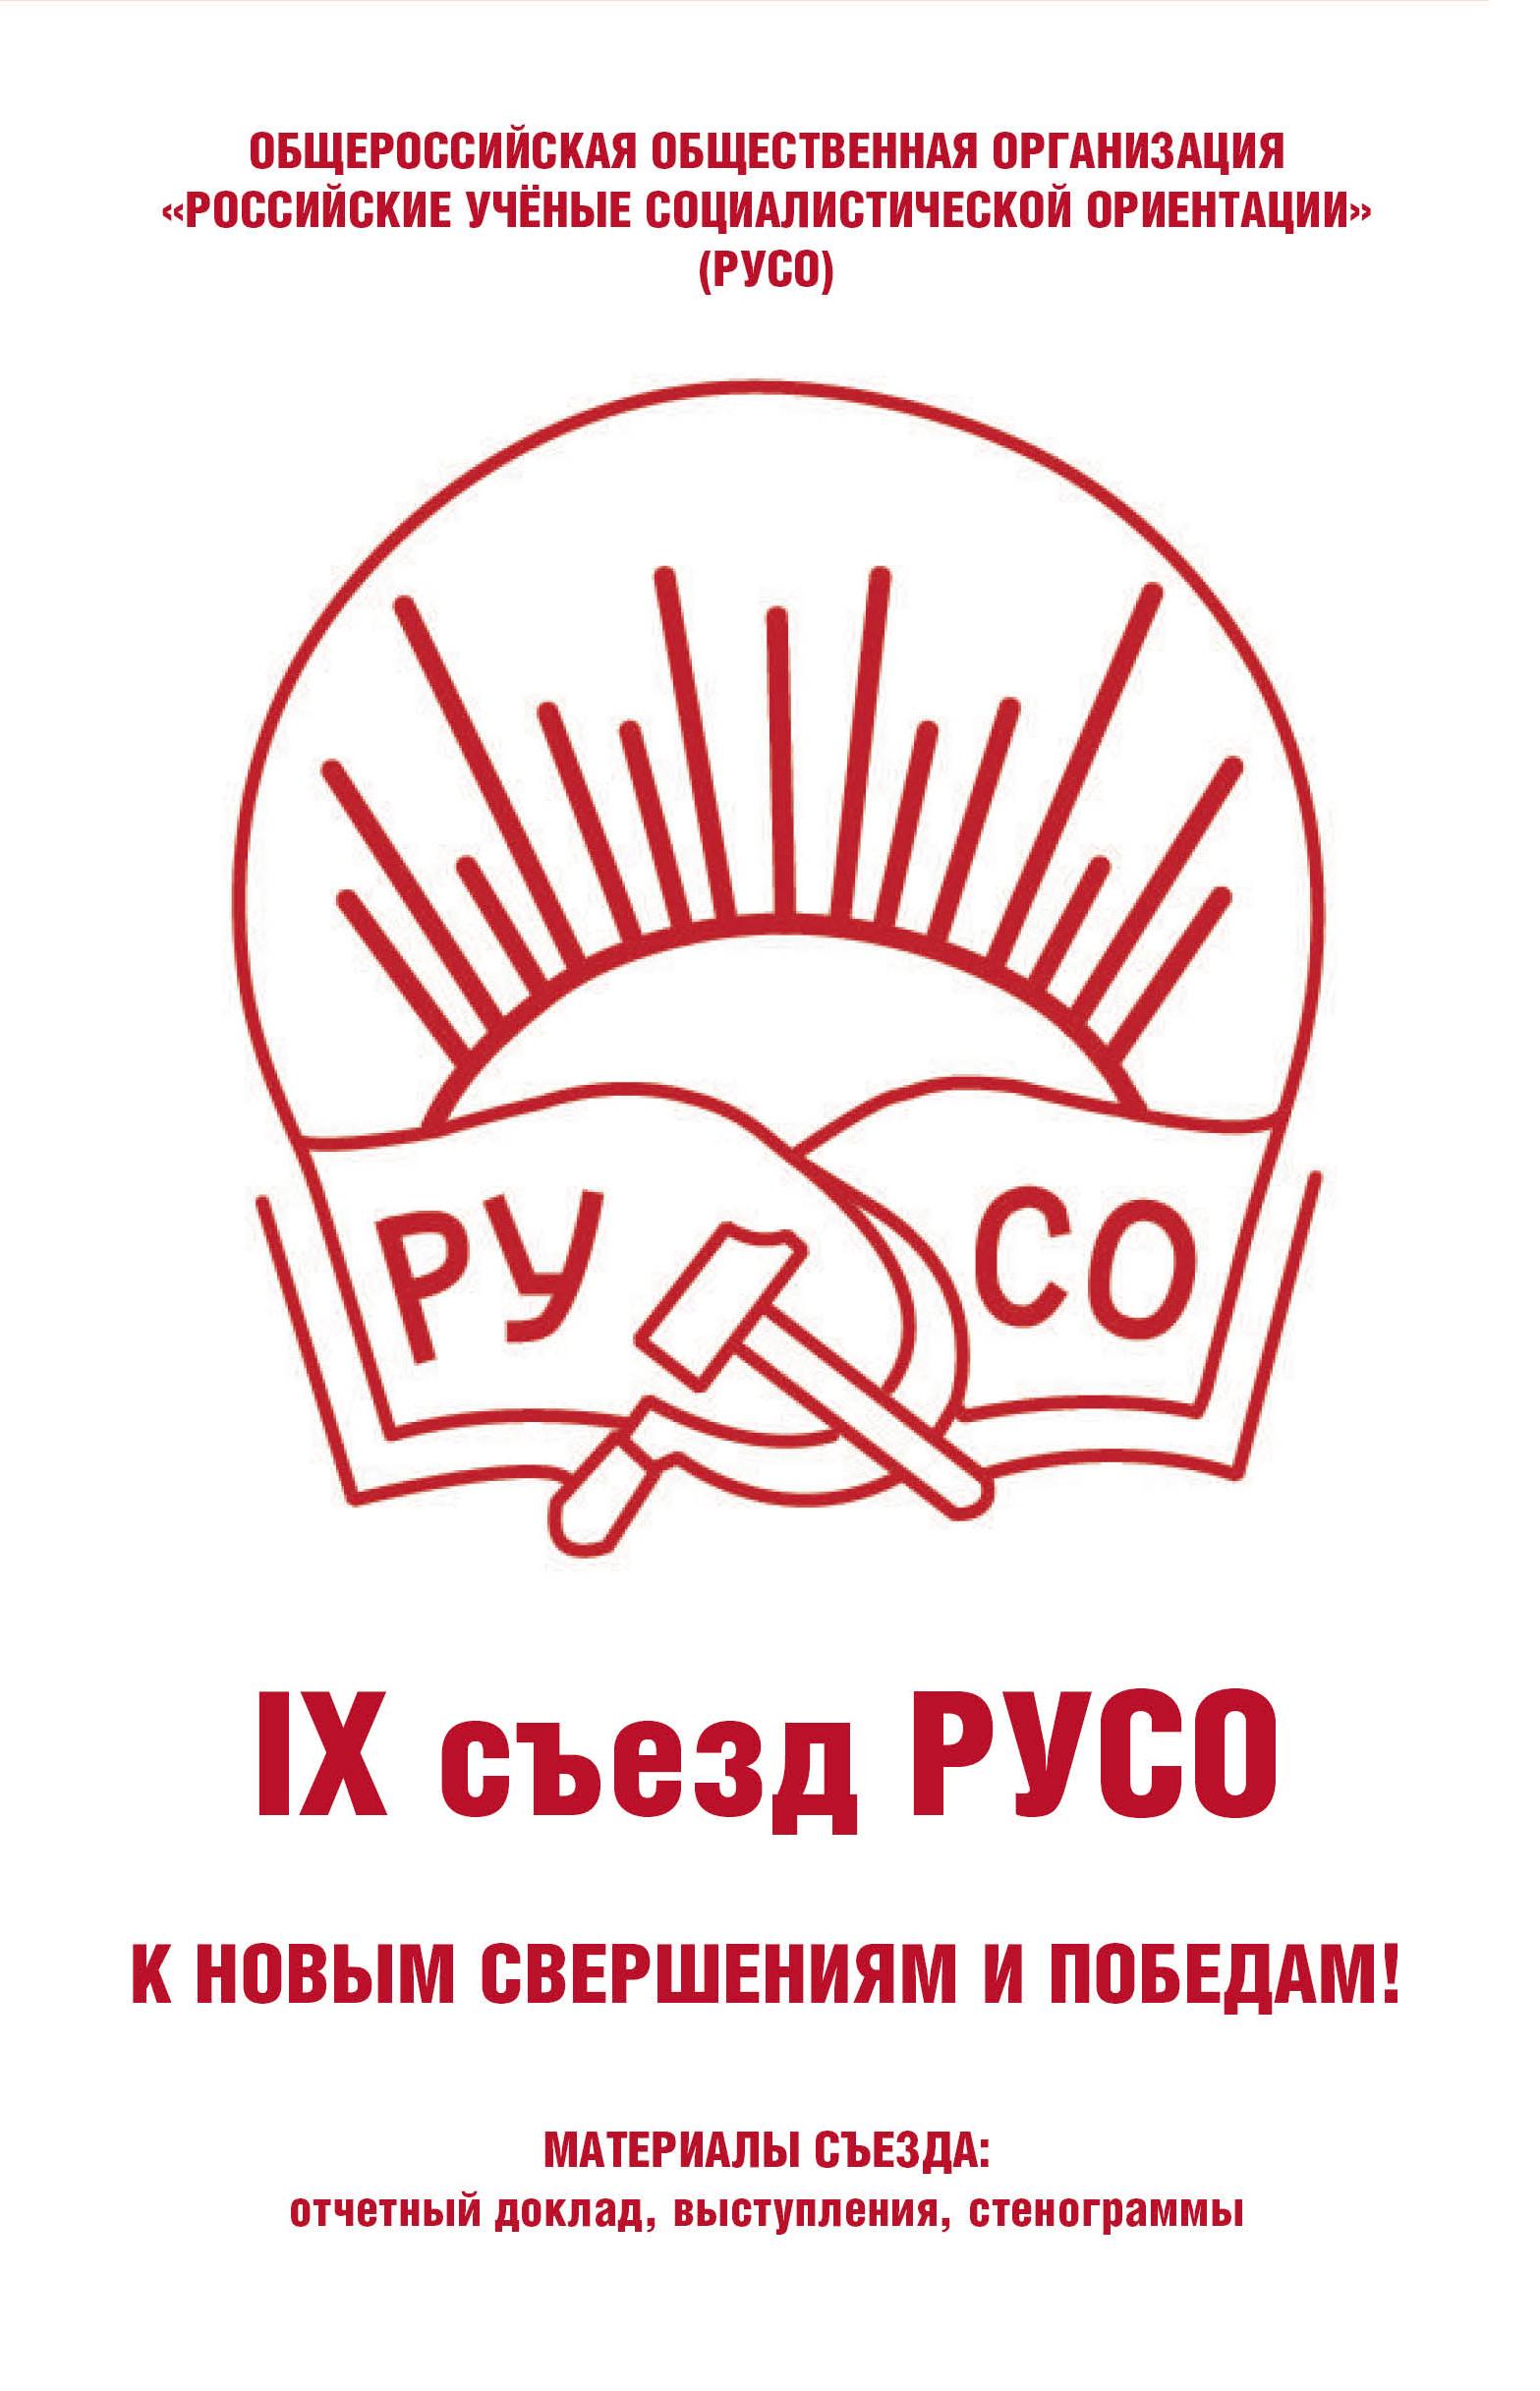 obshcherossiyskaya obshchestvennaya organizatsiya rossiyskie uchenye sotsialisticheskoy orientatsii ruso ikh sezd ruso